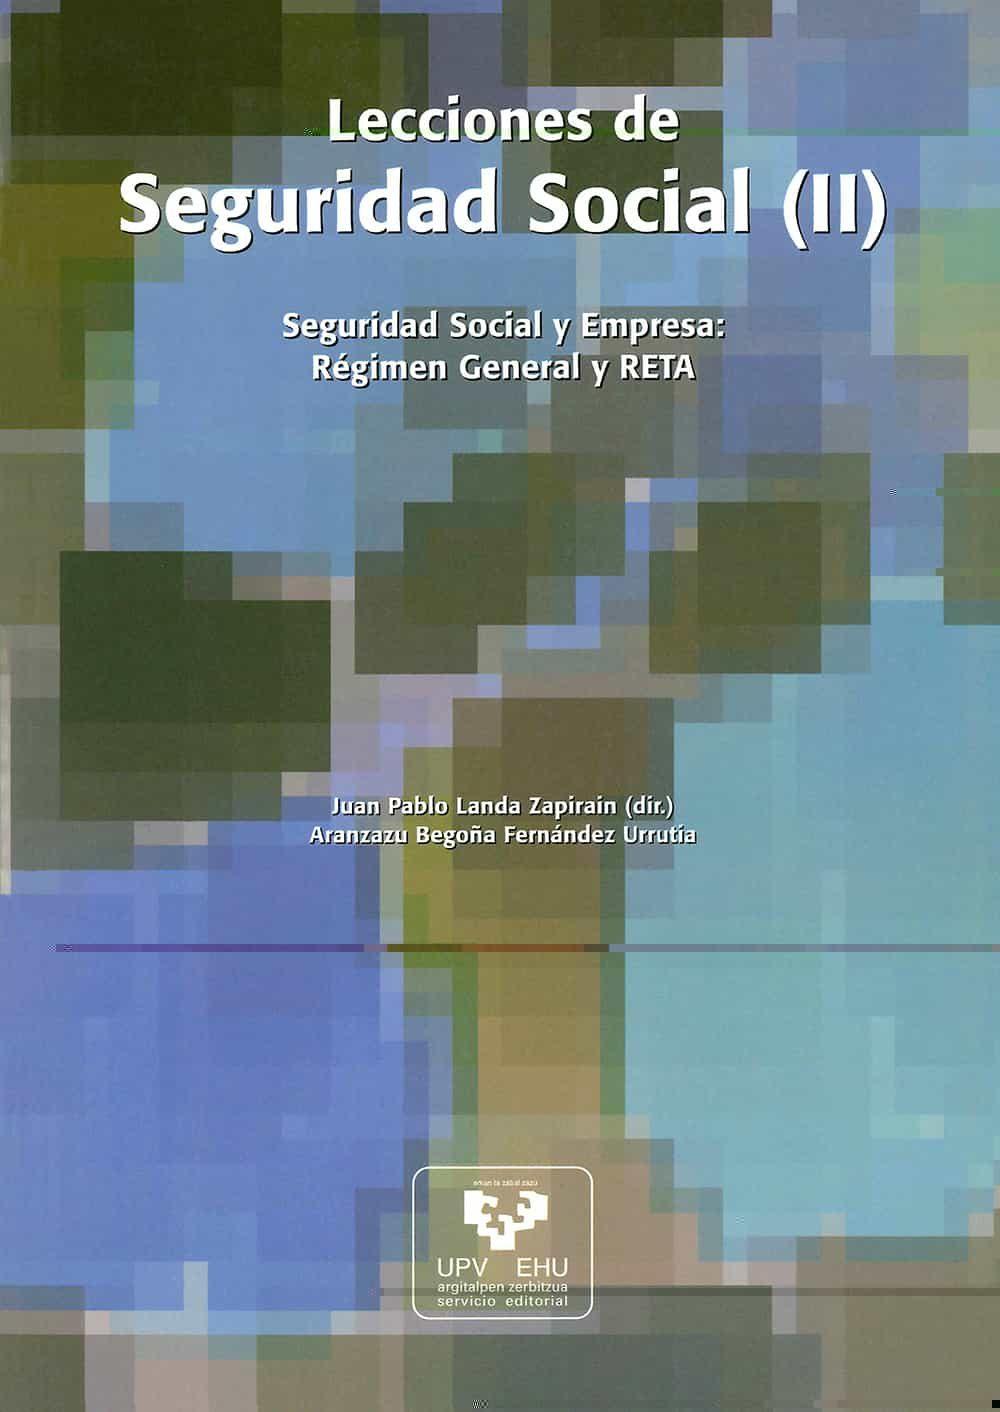 Lecciones De Seguridad Social (ii): Seguridad Social Y Empresa: R Egimen General Y Reta por Juan P. (dir.) Landa;                                                                                                                                                                                                          Aranzazu B. Fernandez Urr epub